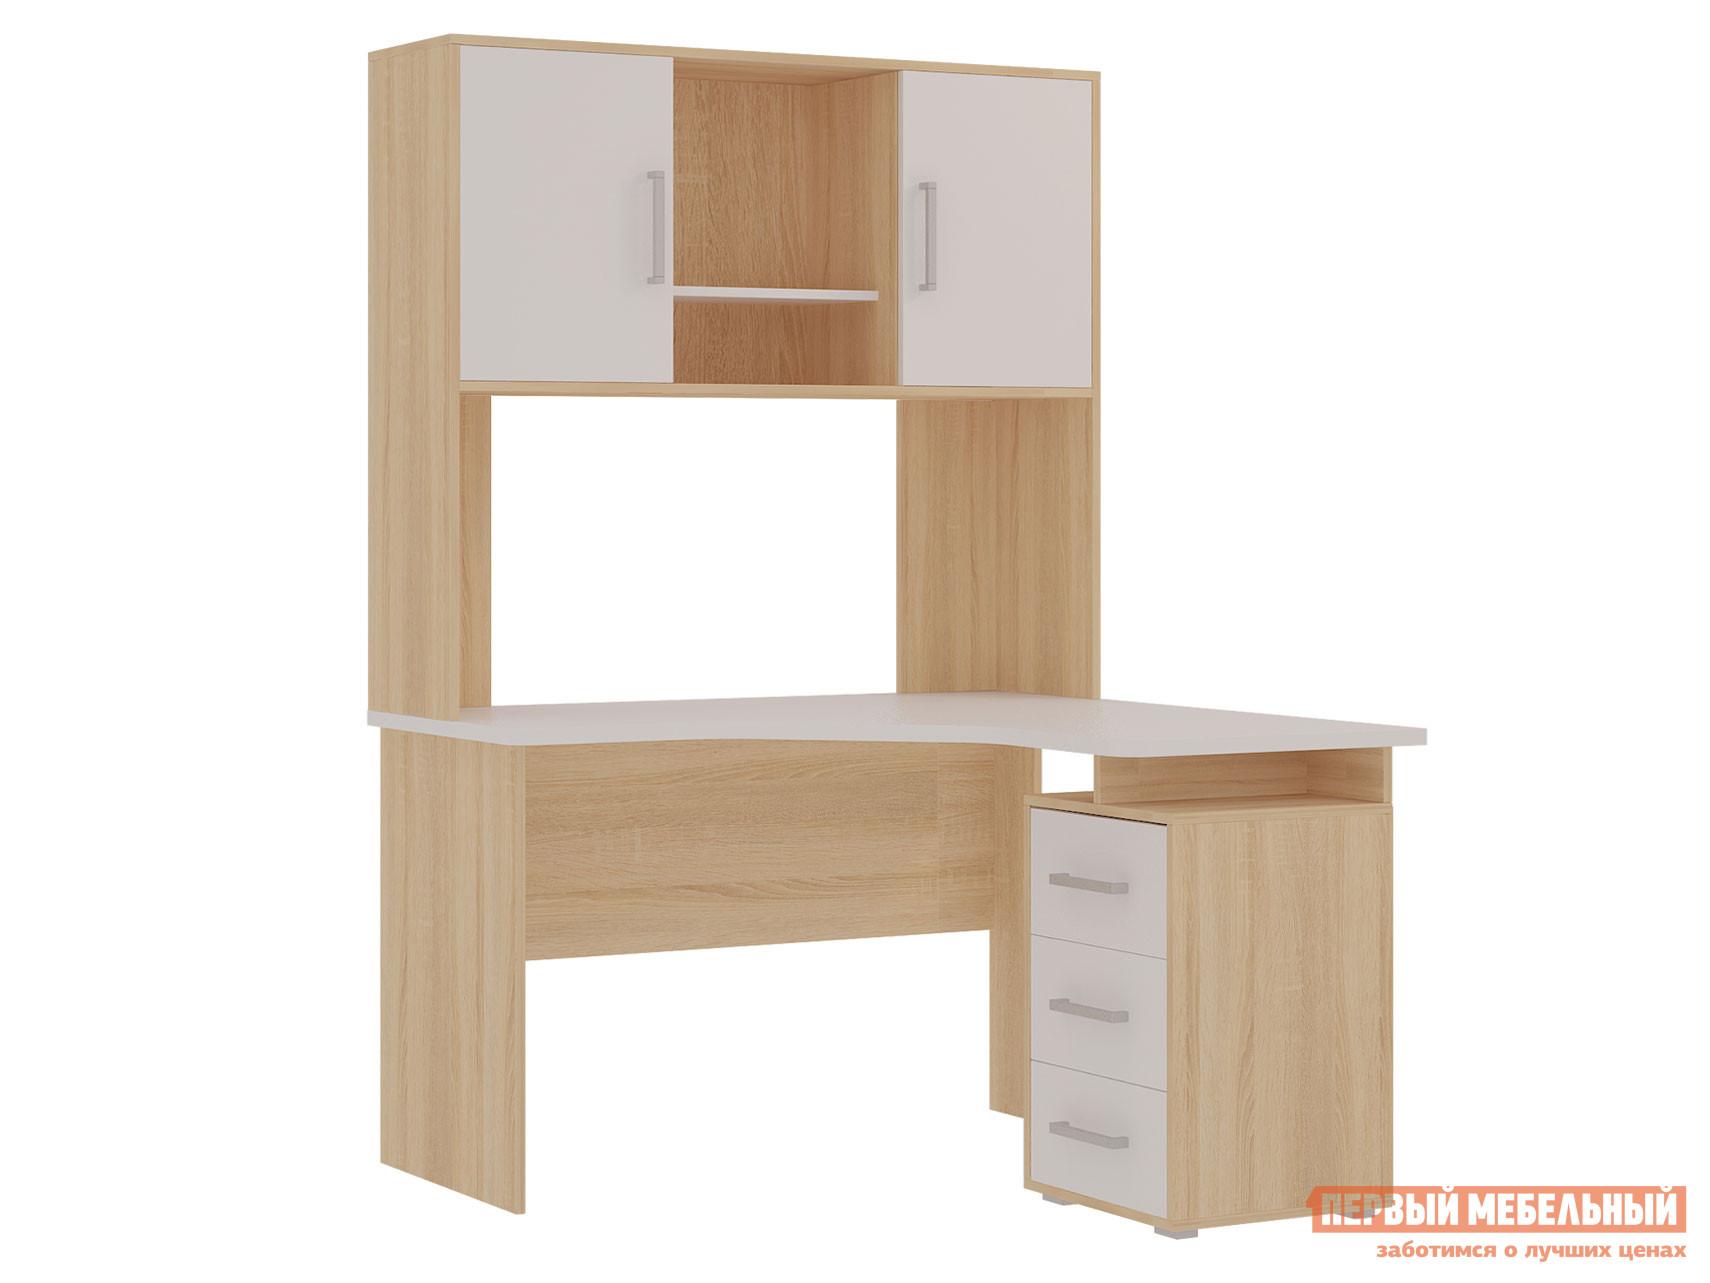 Компьютерный стол Мебельсон SKL2.2N02 + NKL02S1.2